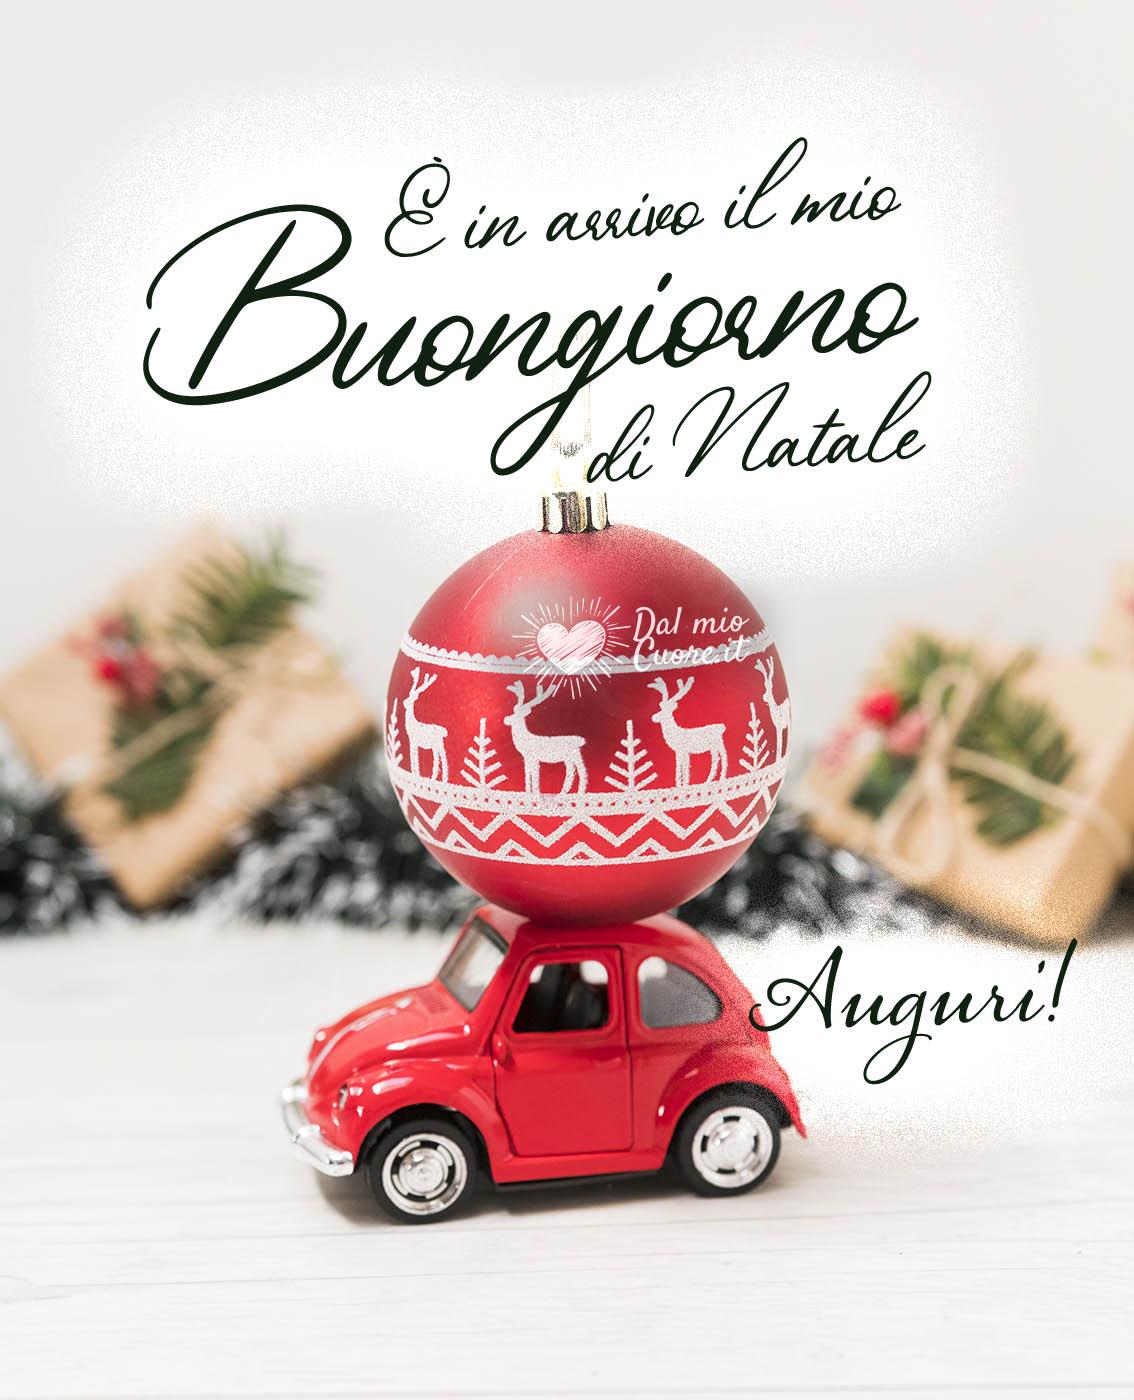 Auguri Di Natale Dolci D Amore.Auguri Di Buon Natale Immagini Video E Gif Per Facebook E Whatsapp